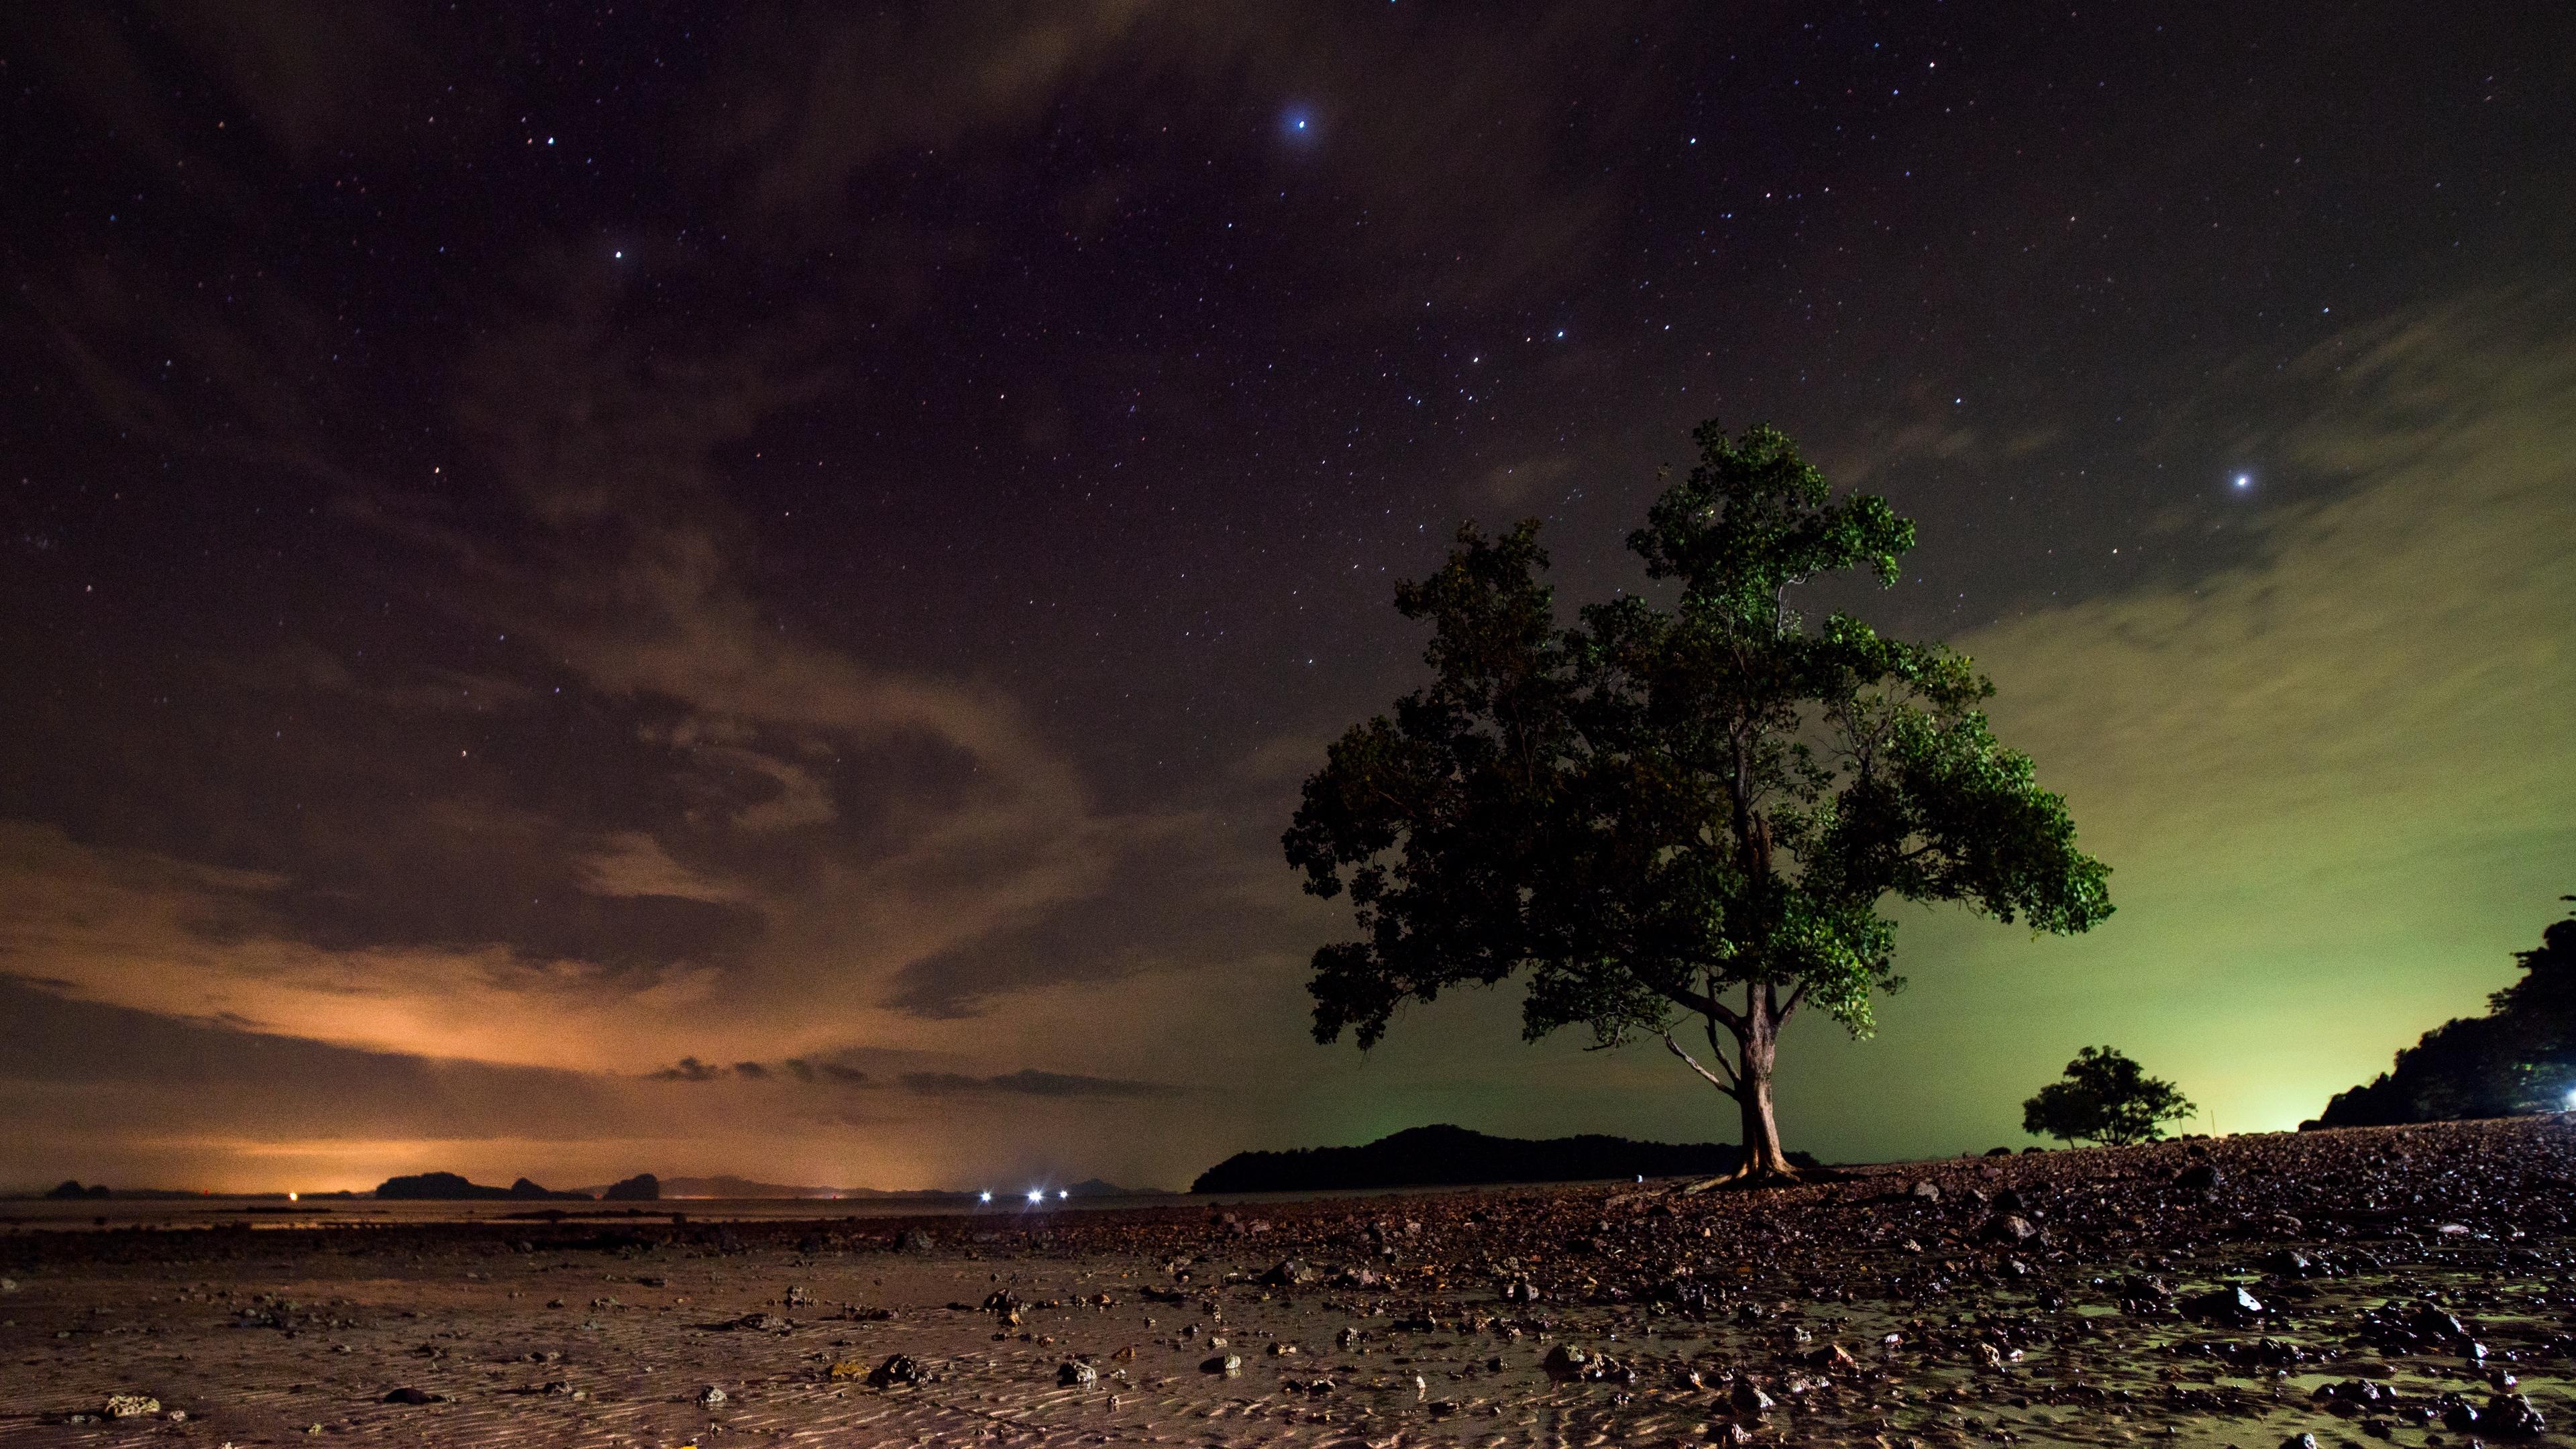 Hình nền thiên nhiên cực quang 4K đẹp